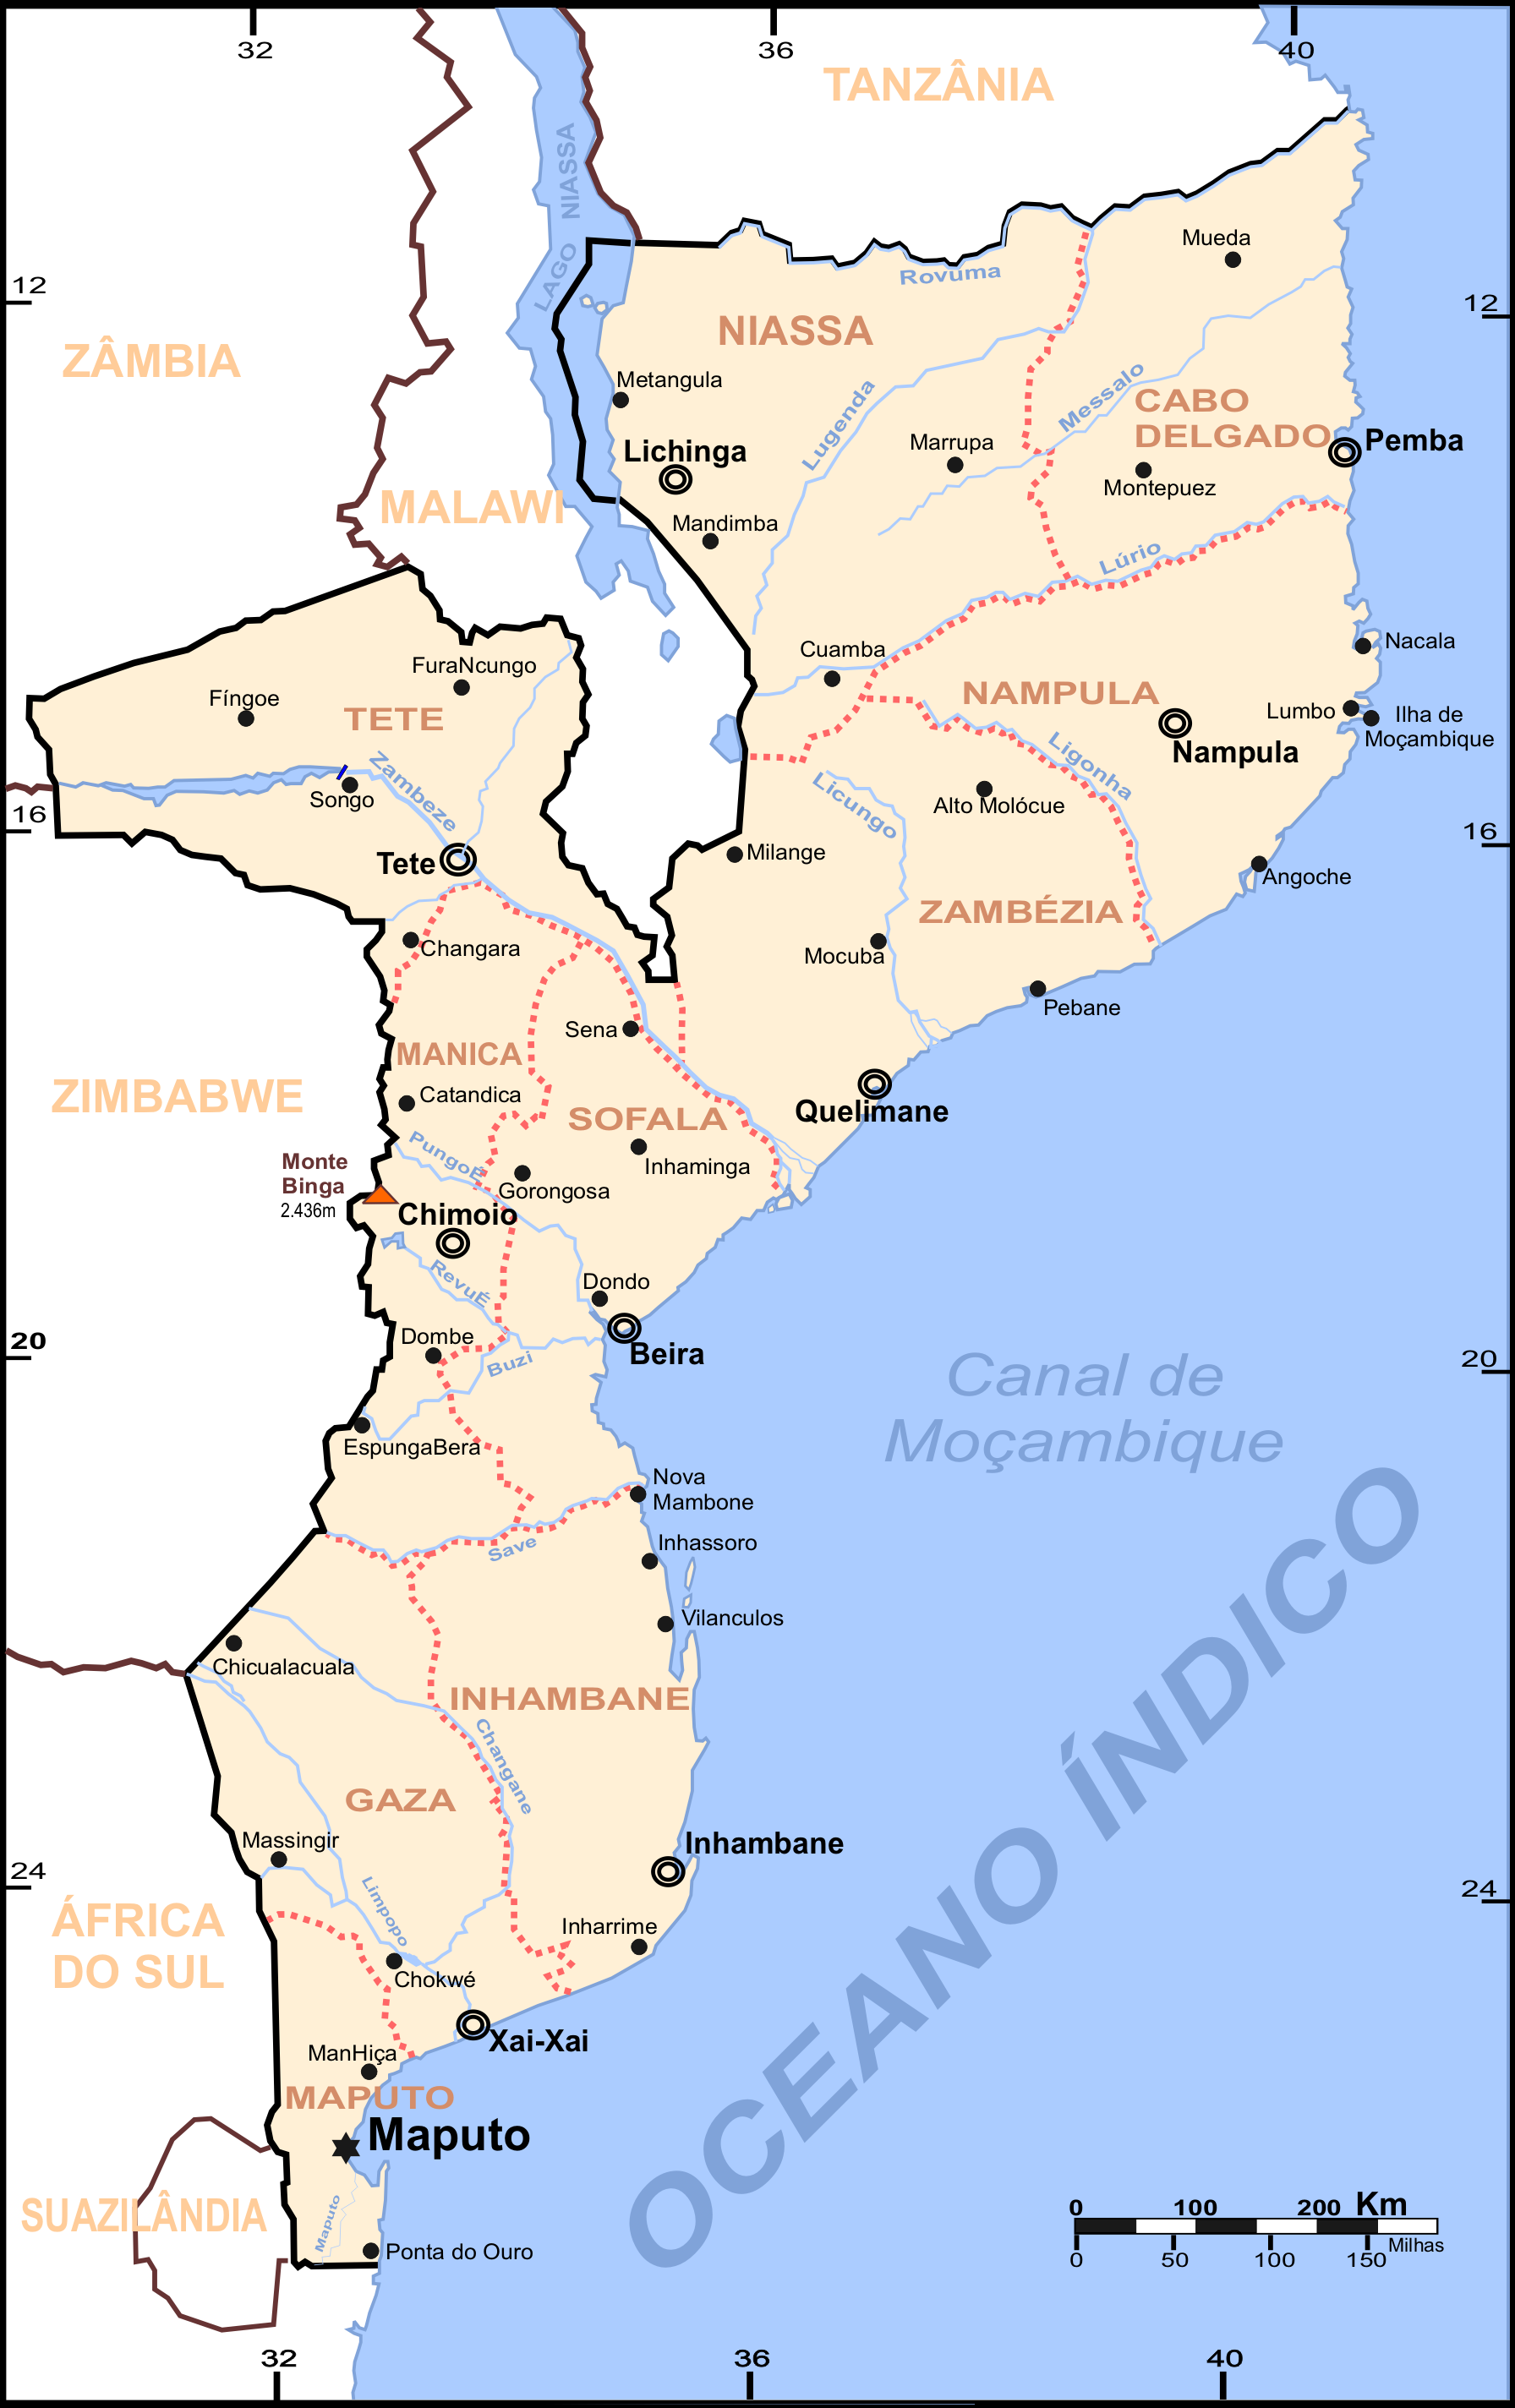 moçambique mapa Ficheiro:Mozambique map cities.png – Wikipédia, a enciclopédia livre moçambique mapa